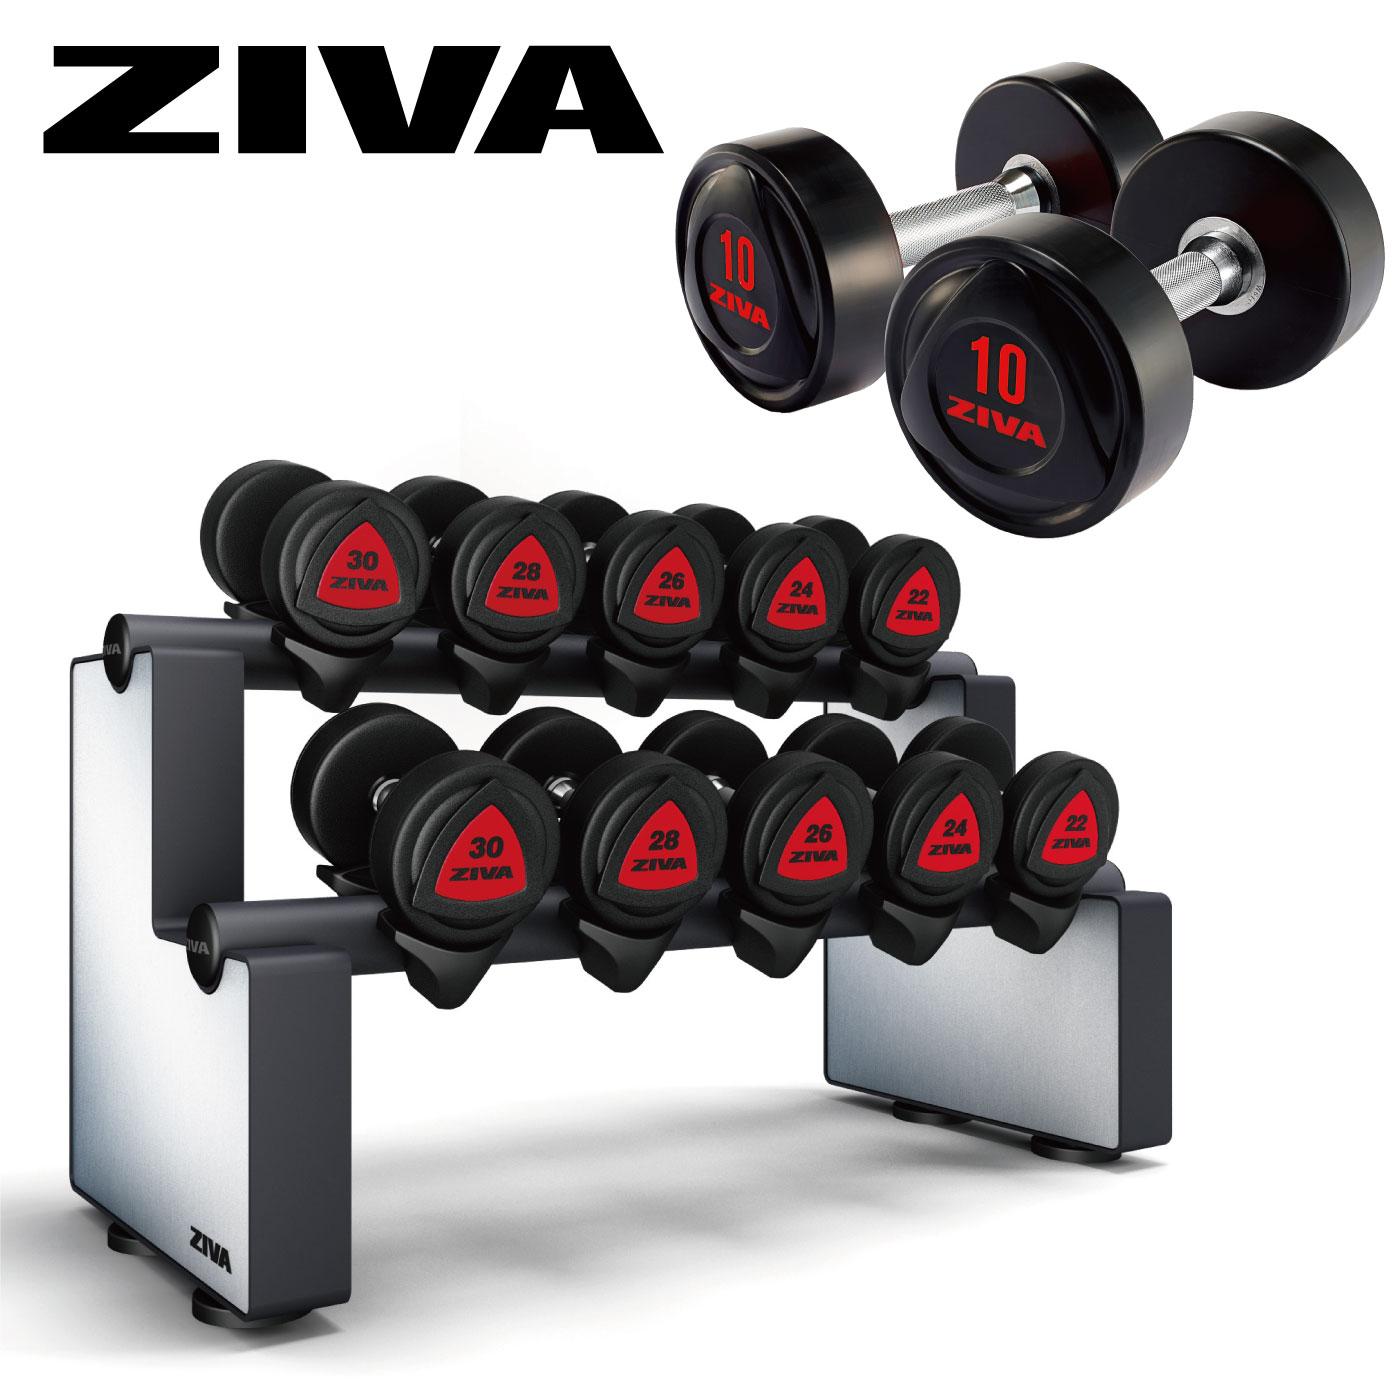 ラバーダンベル5ペア+ダンベルラックセット(2.5kg-22.5kg)/ダンベル・ラックセット〈業務用〉《ZIVA(ジーヴァ)》